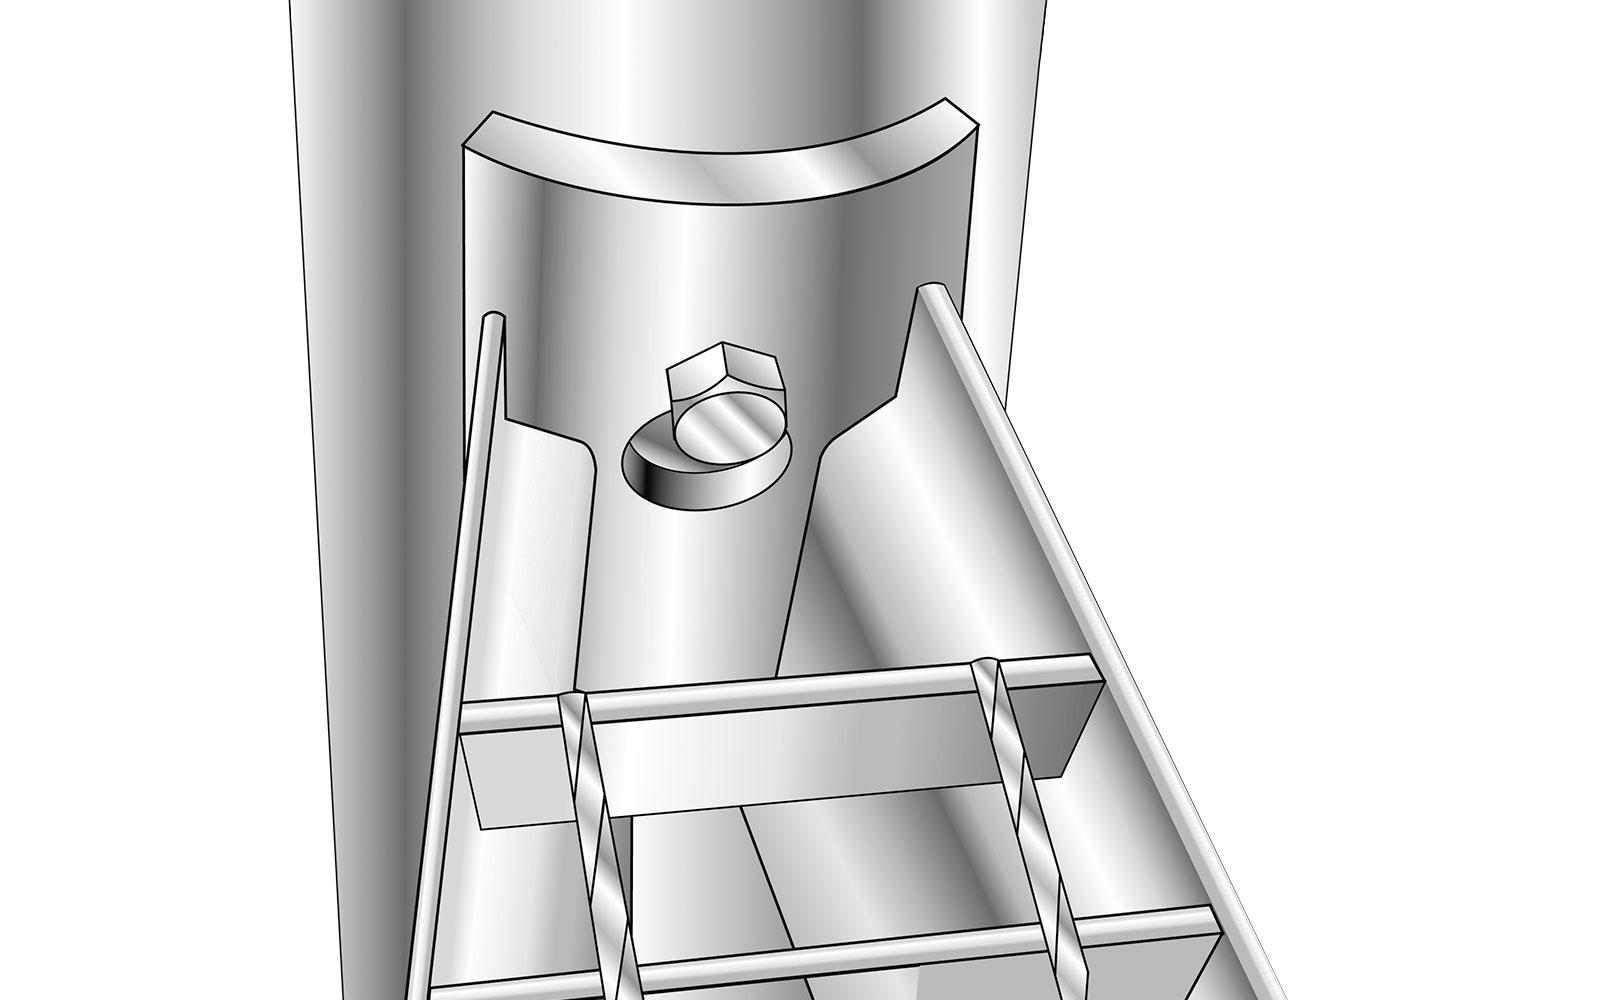 Spindeltreppe standard schlüsselloch